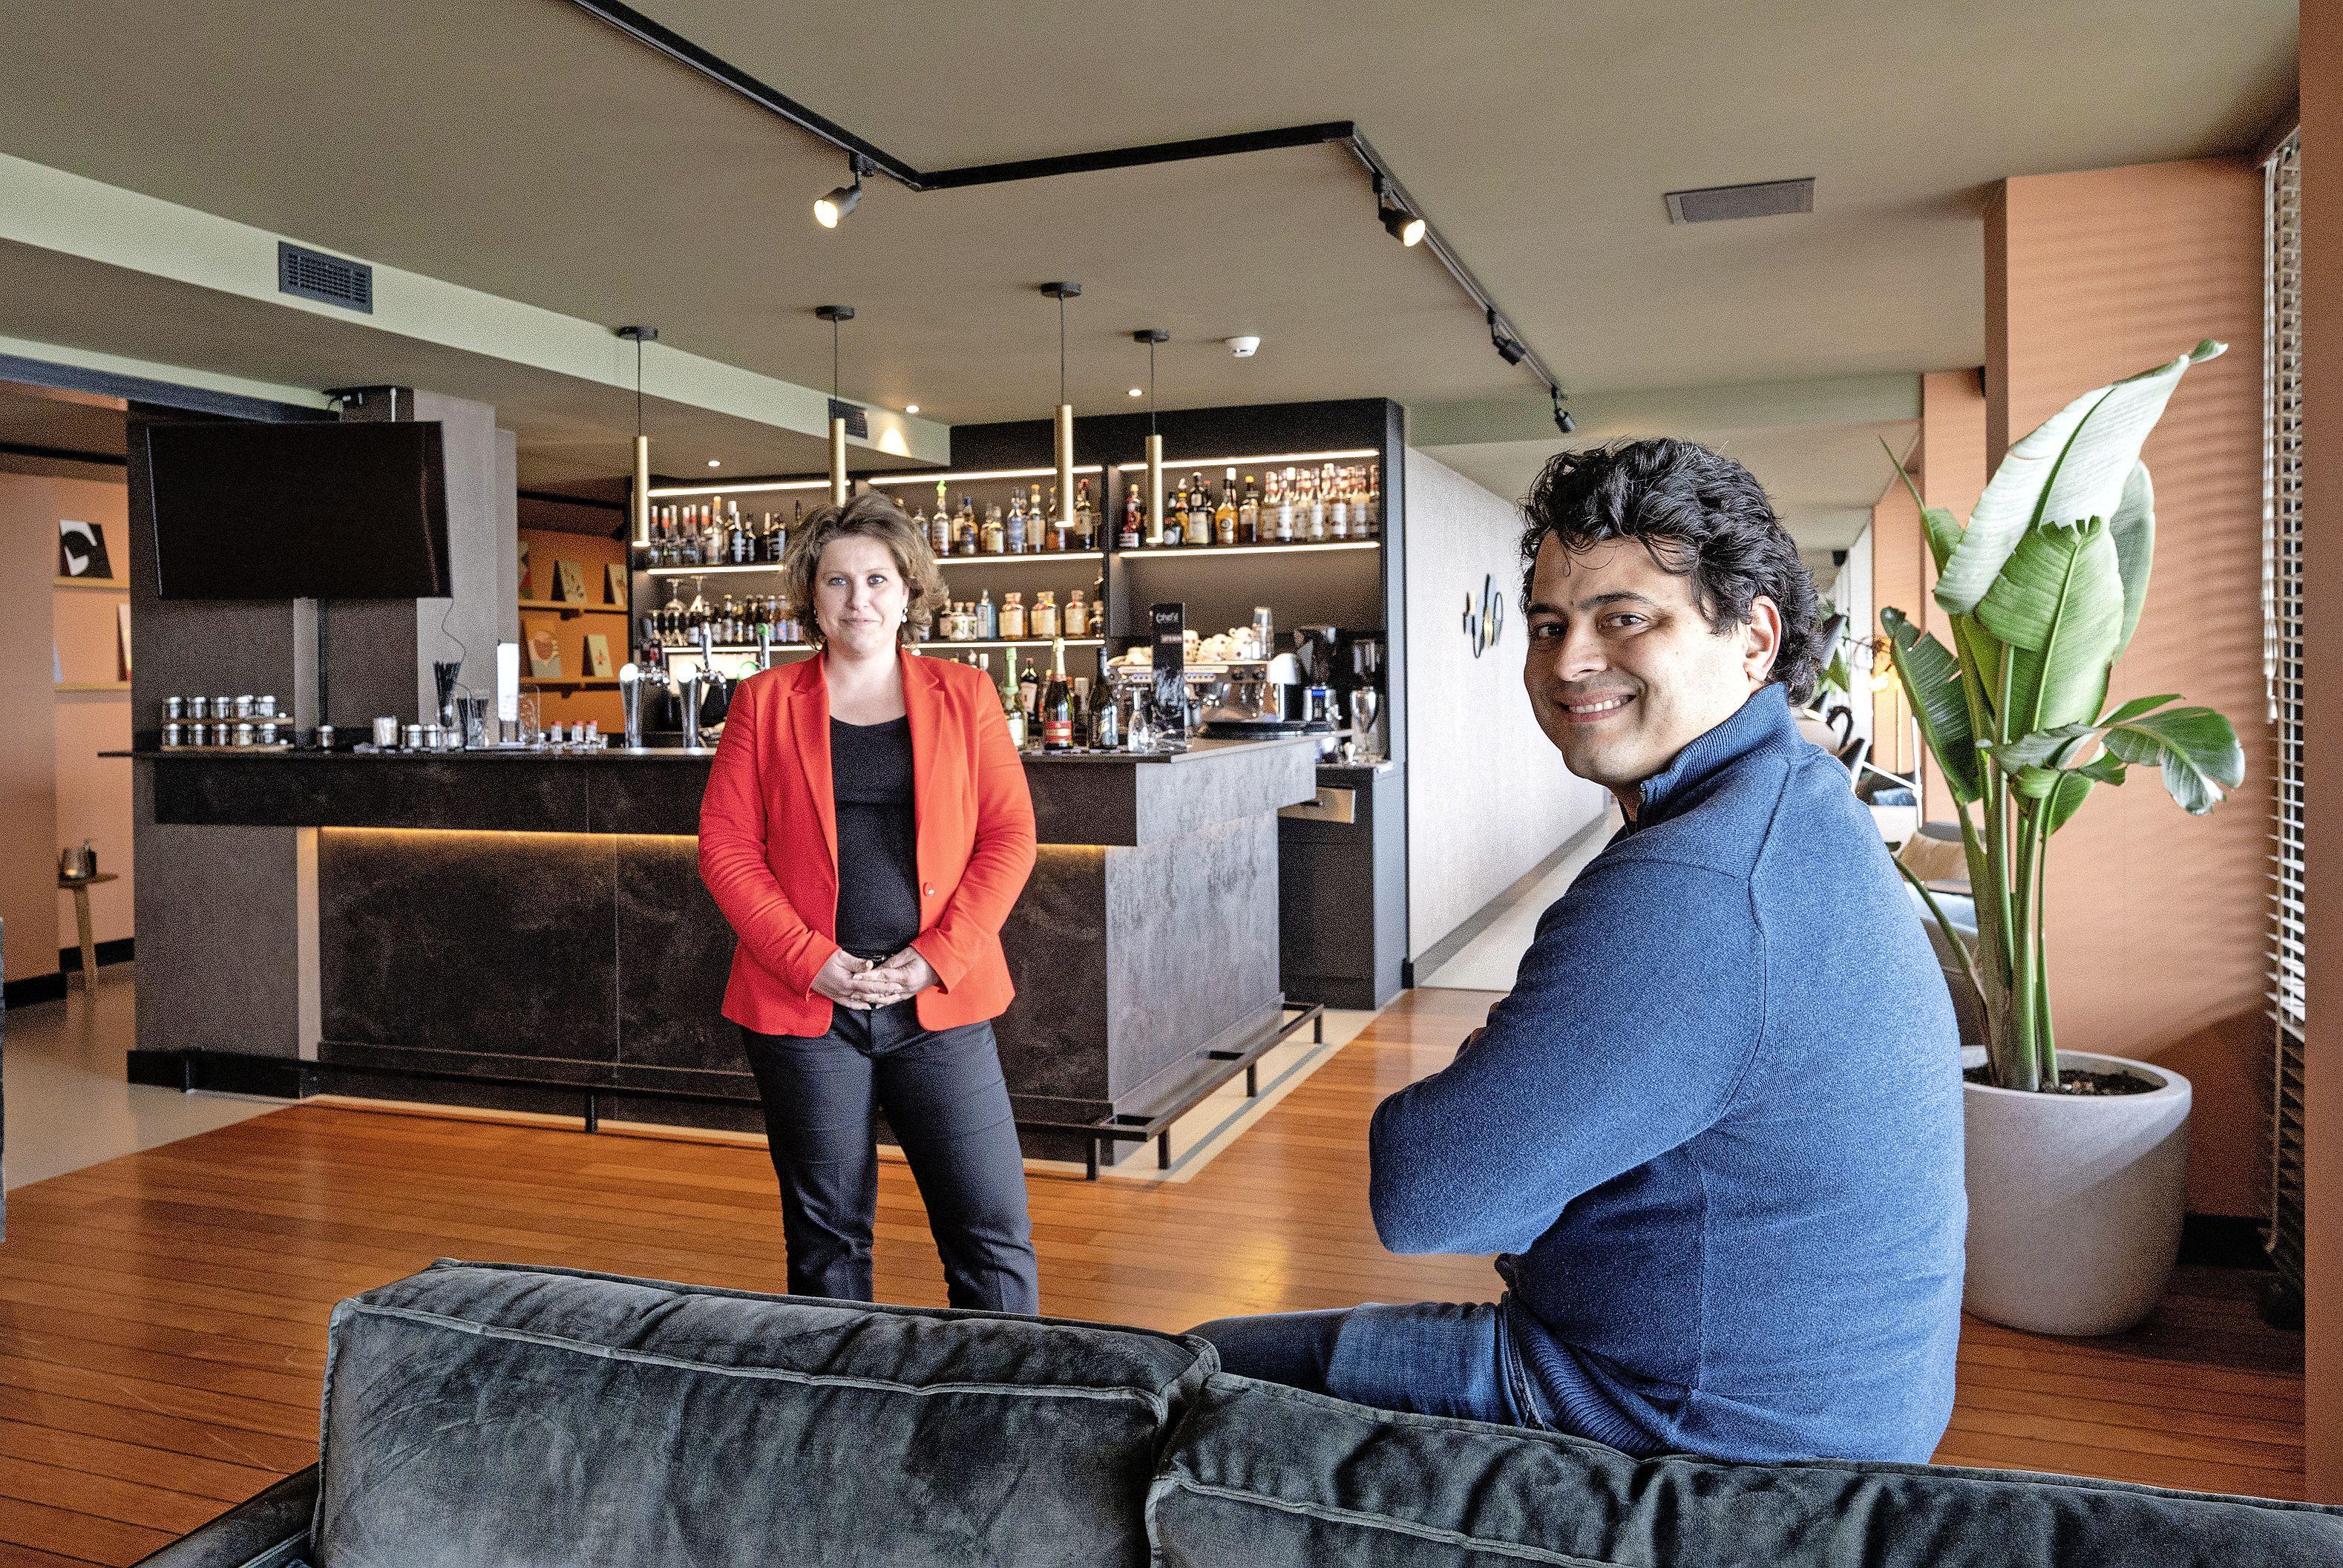 Hotel heeft sinds kort twee stoelen met een metershoge rug. 'Die stoelen zijn kenmerkend, die vind je bij elk Leonardo Hotel'